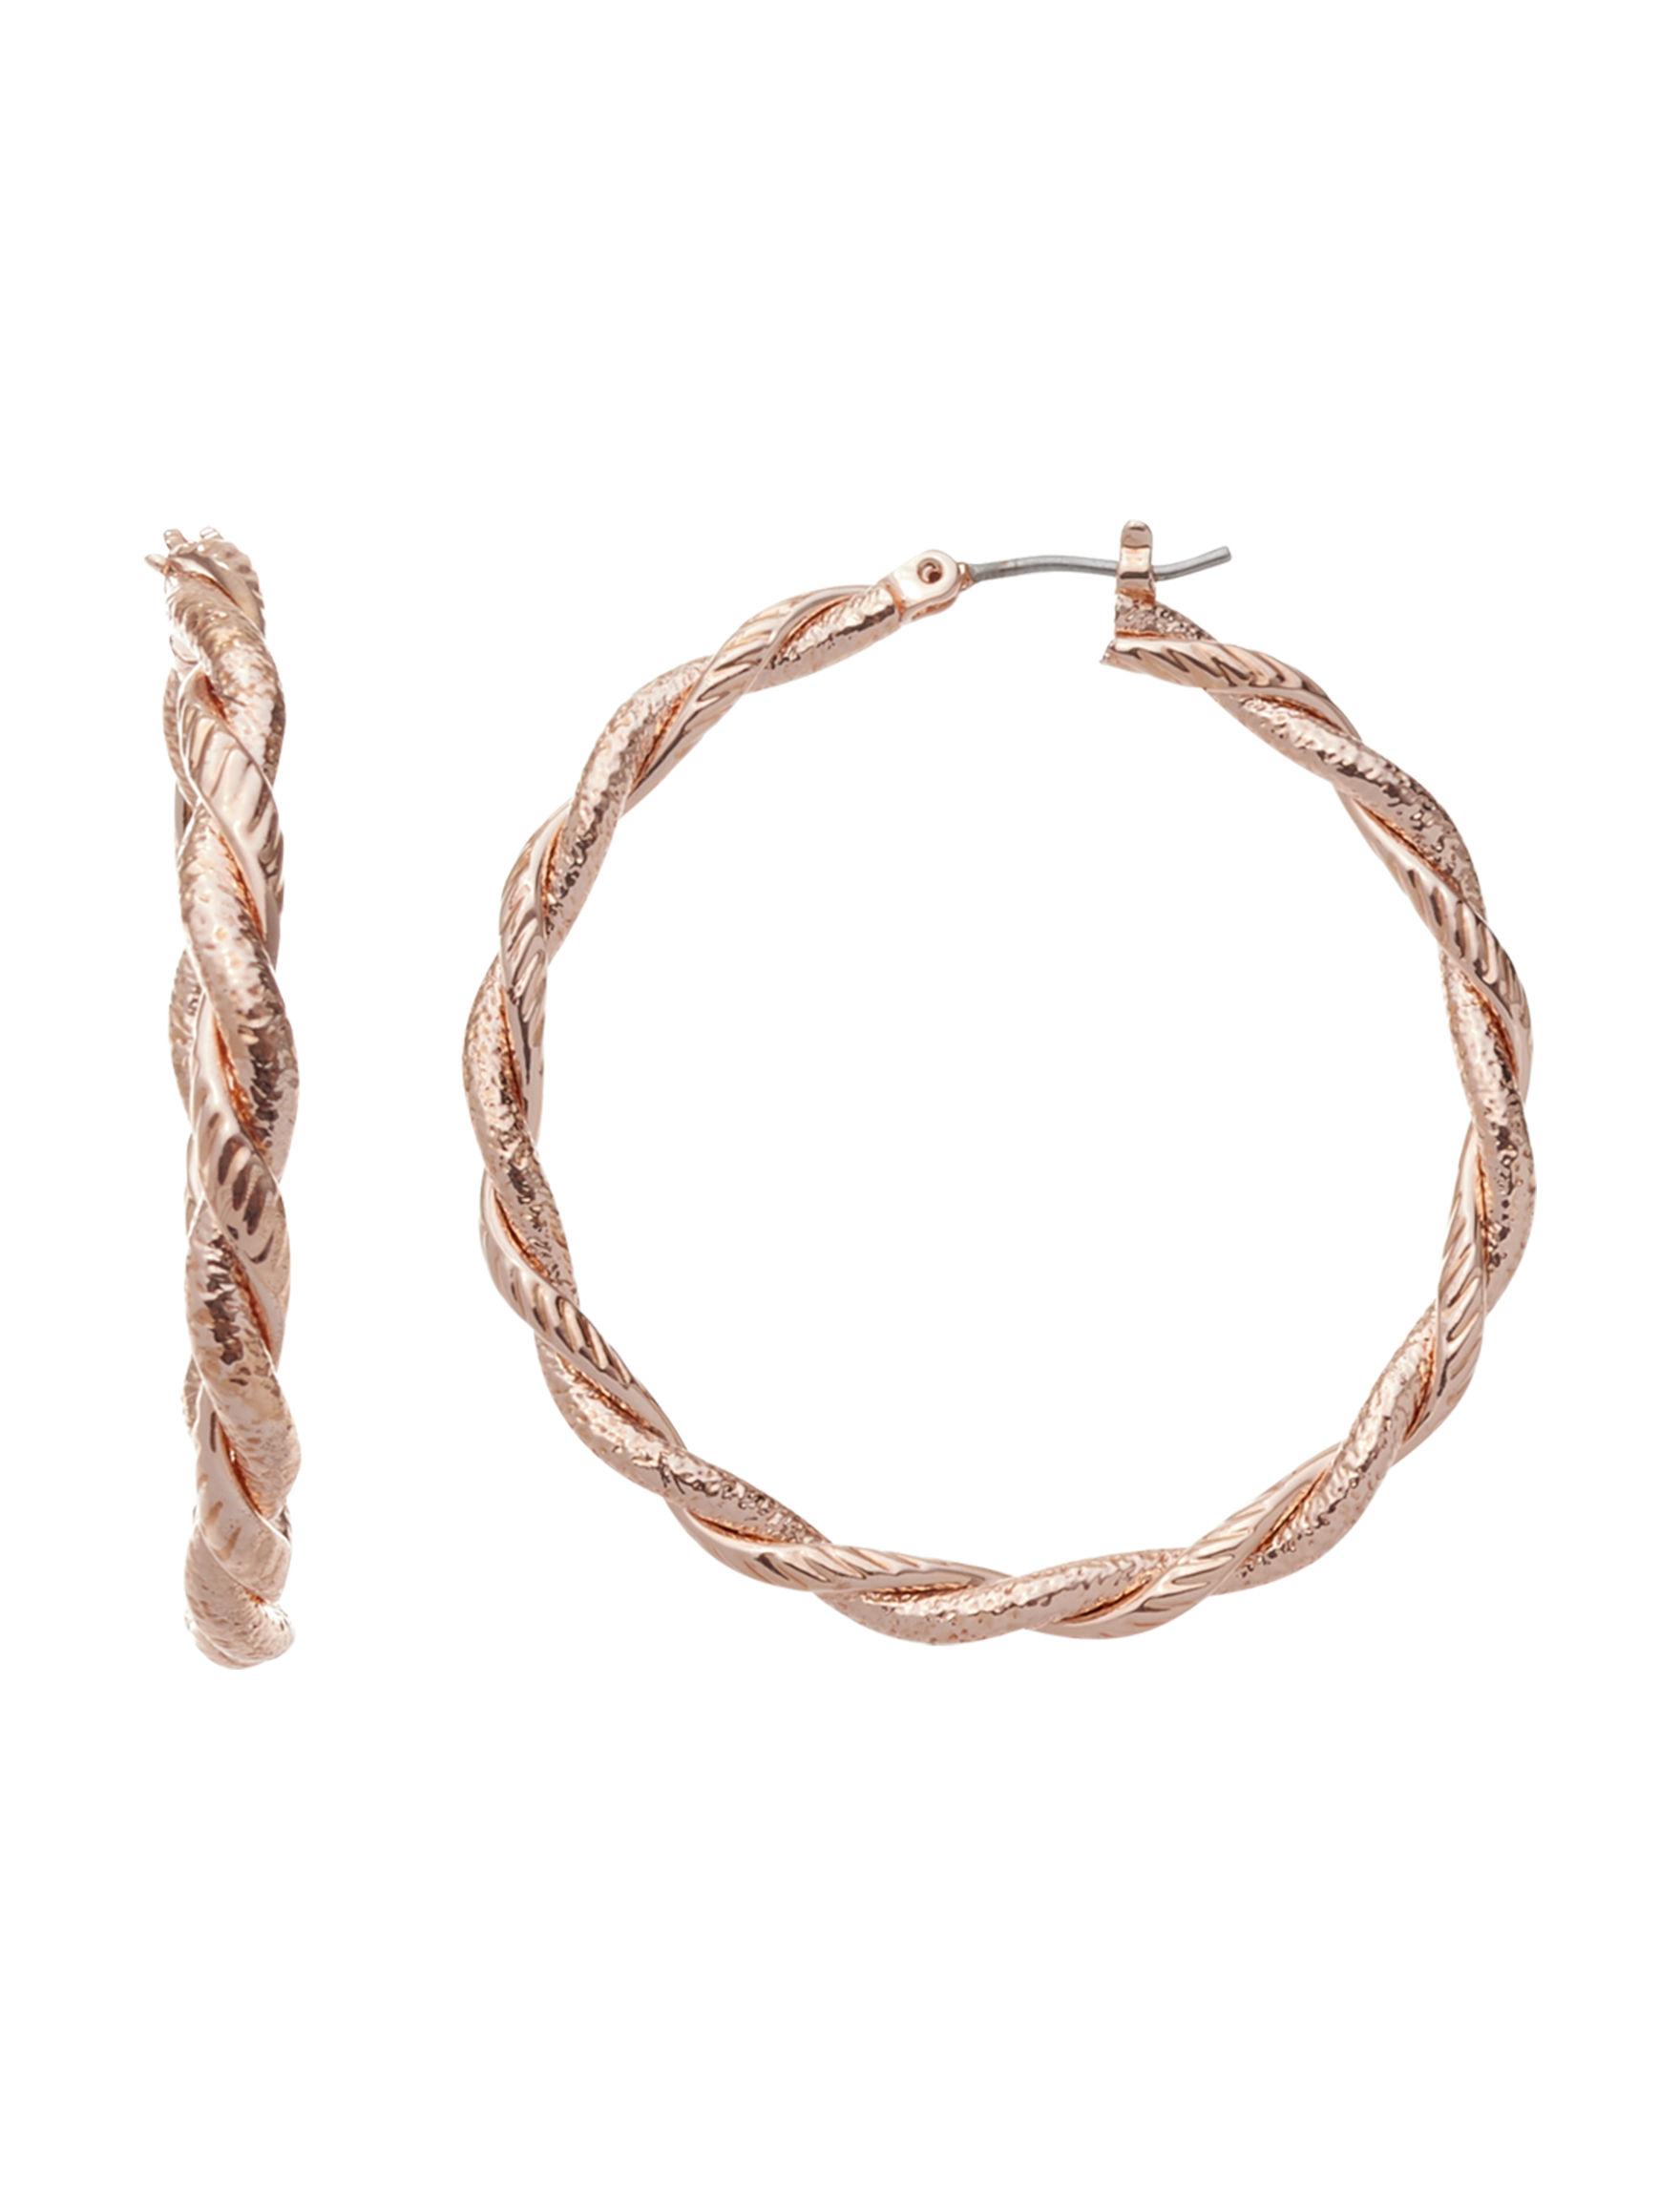 Roman Rose Gold Hoops Earrings Fashion Jewelry